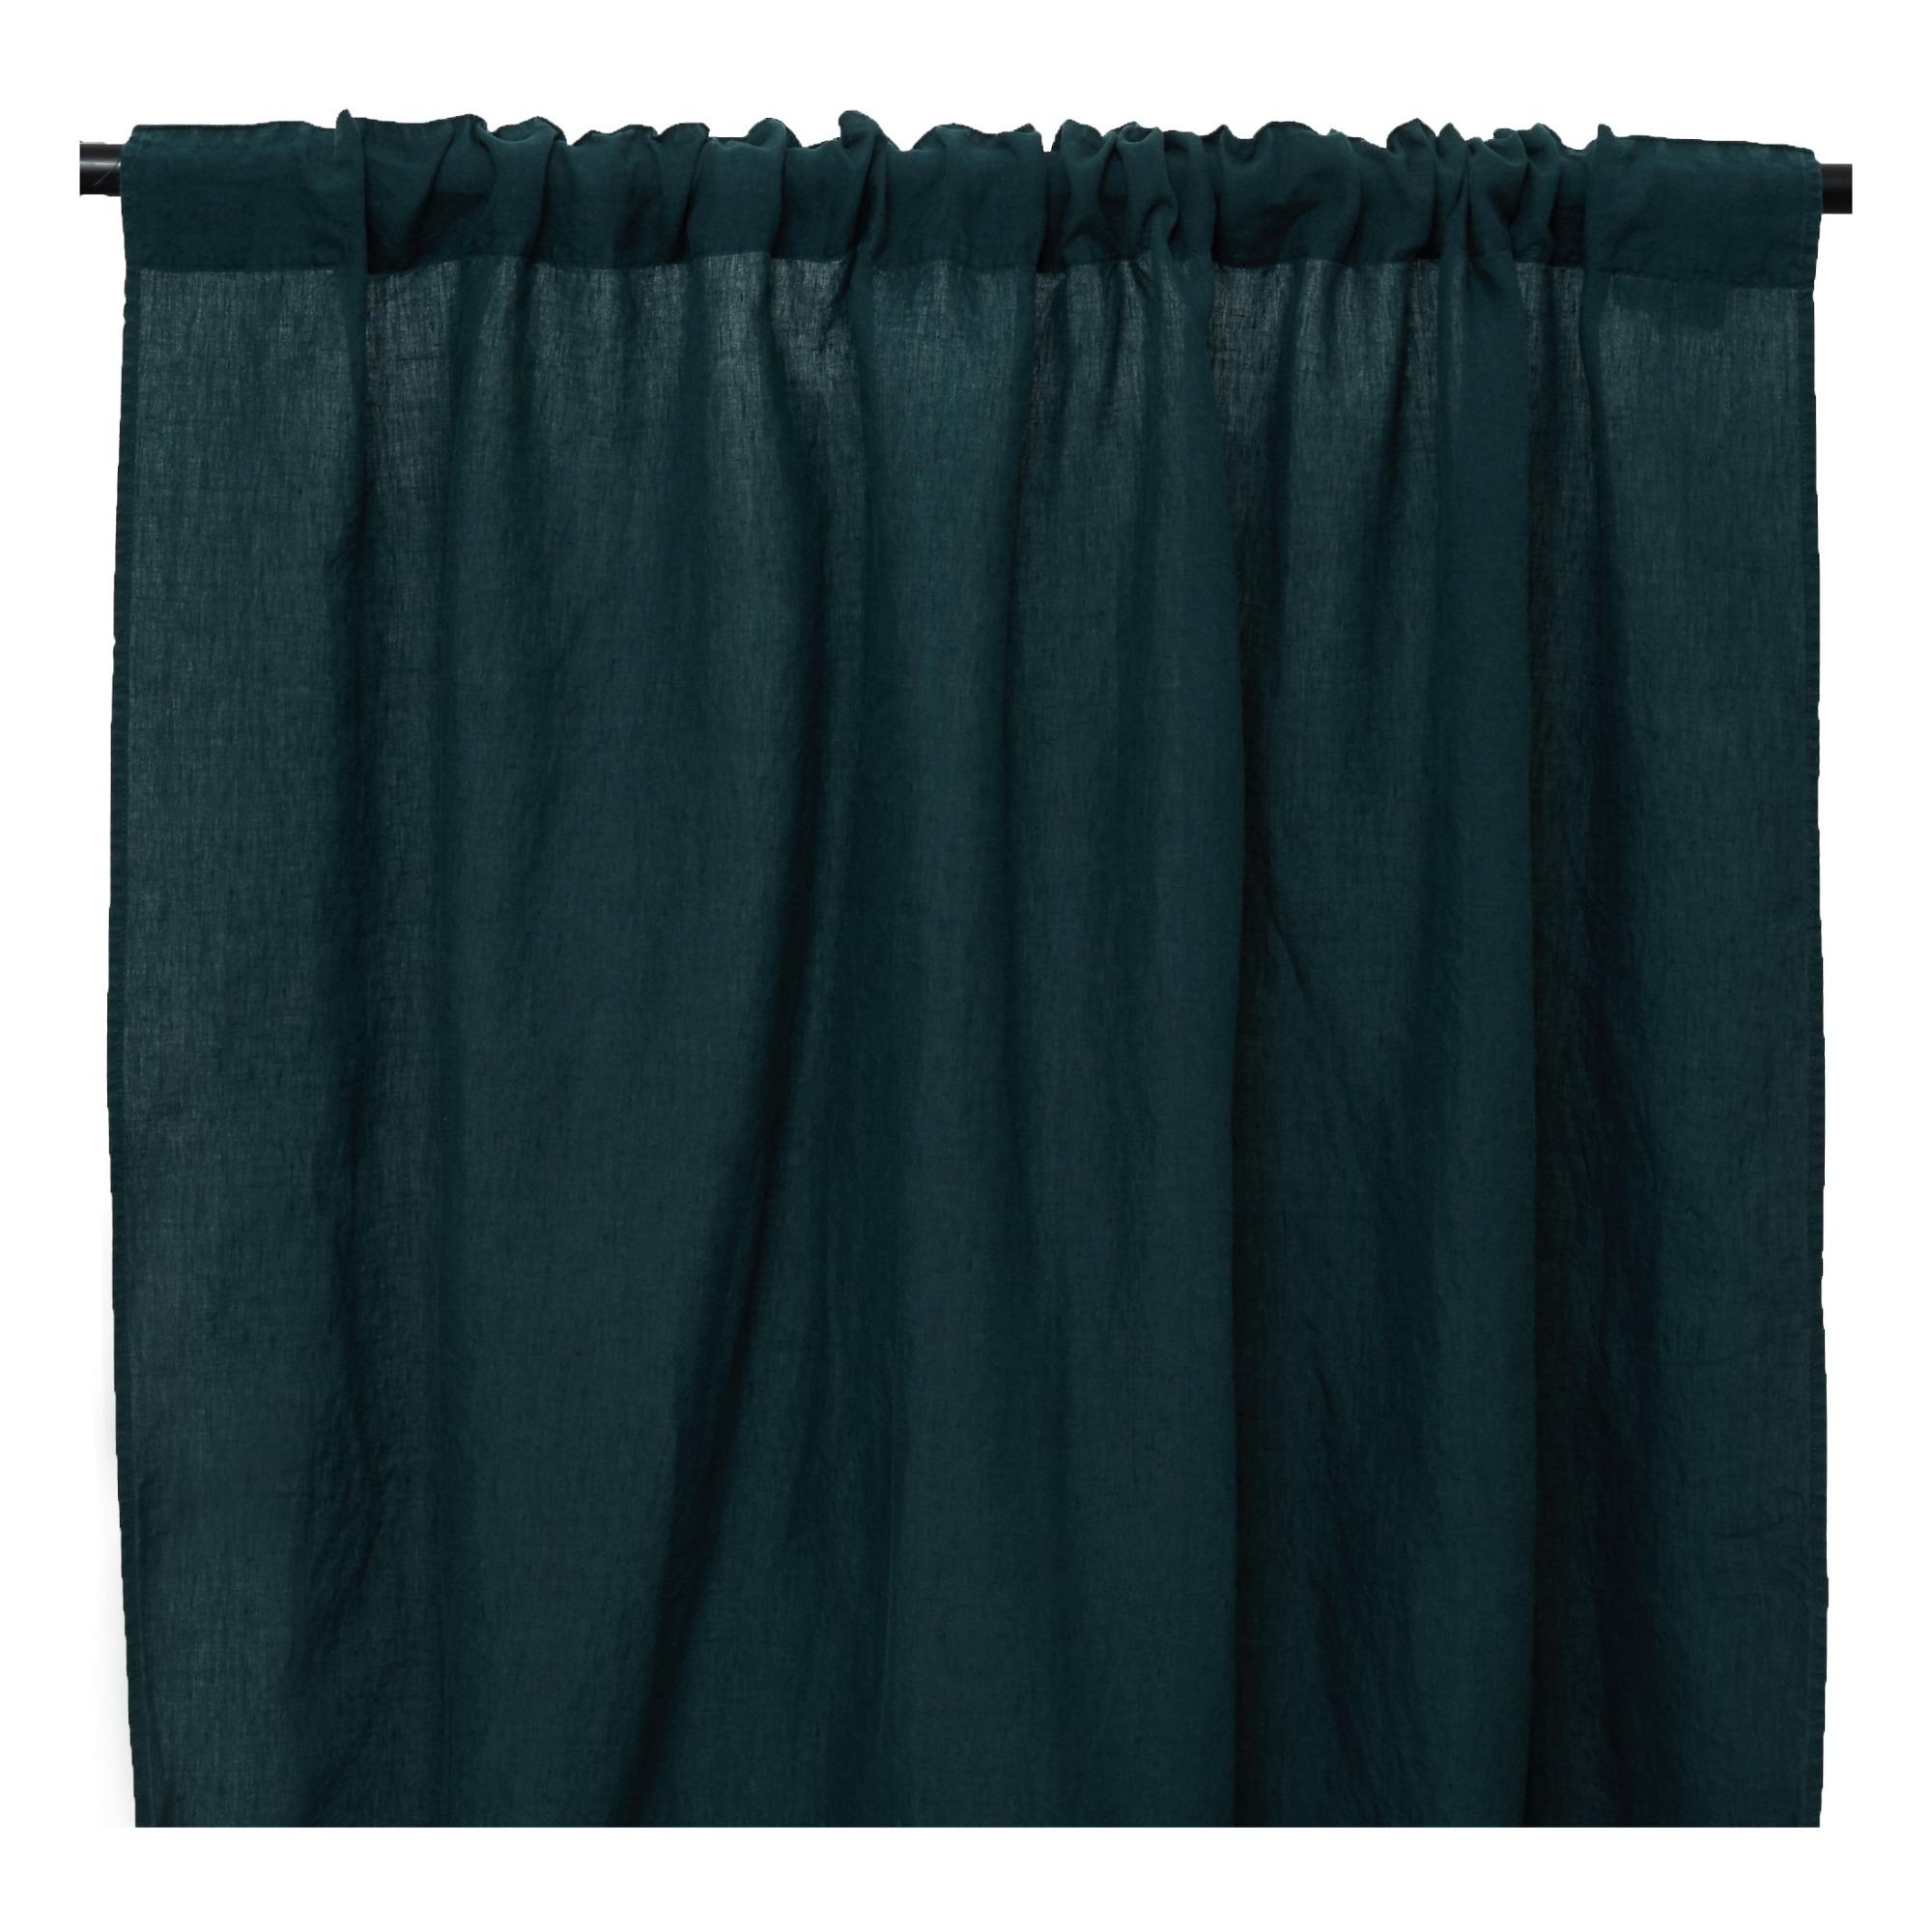 Washed Linen Rod Pocket Or Clip Ring Curtains Bleu Fane